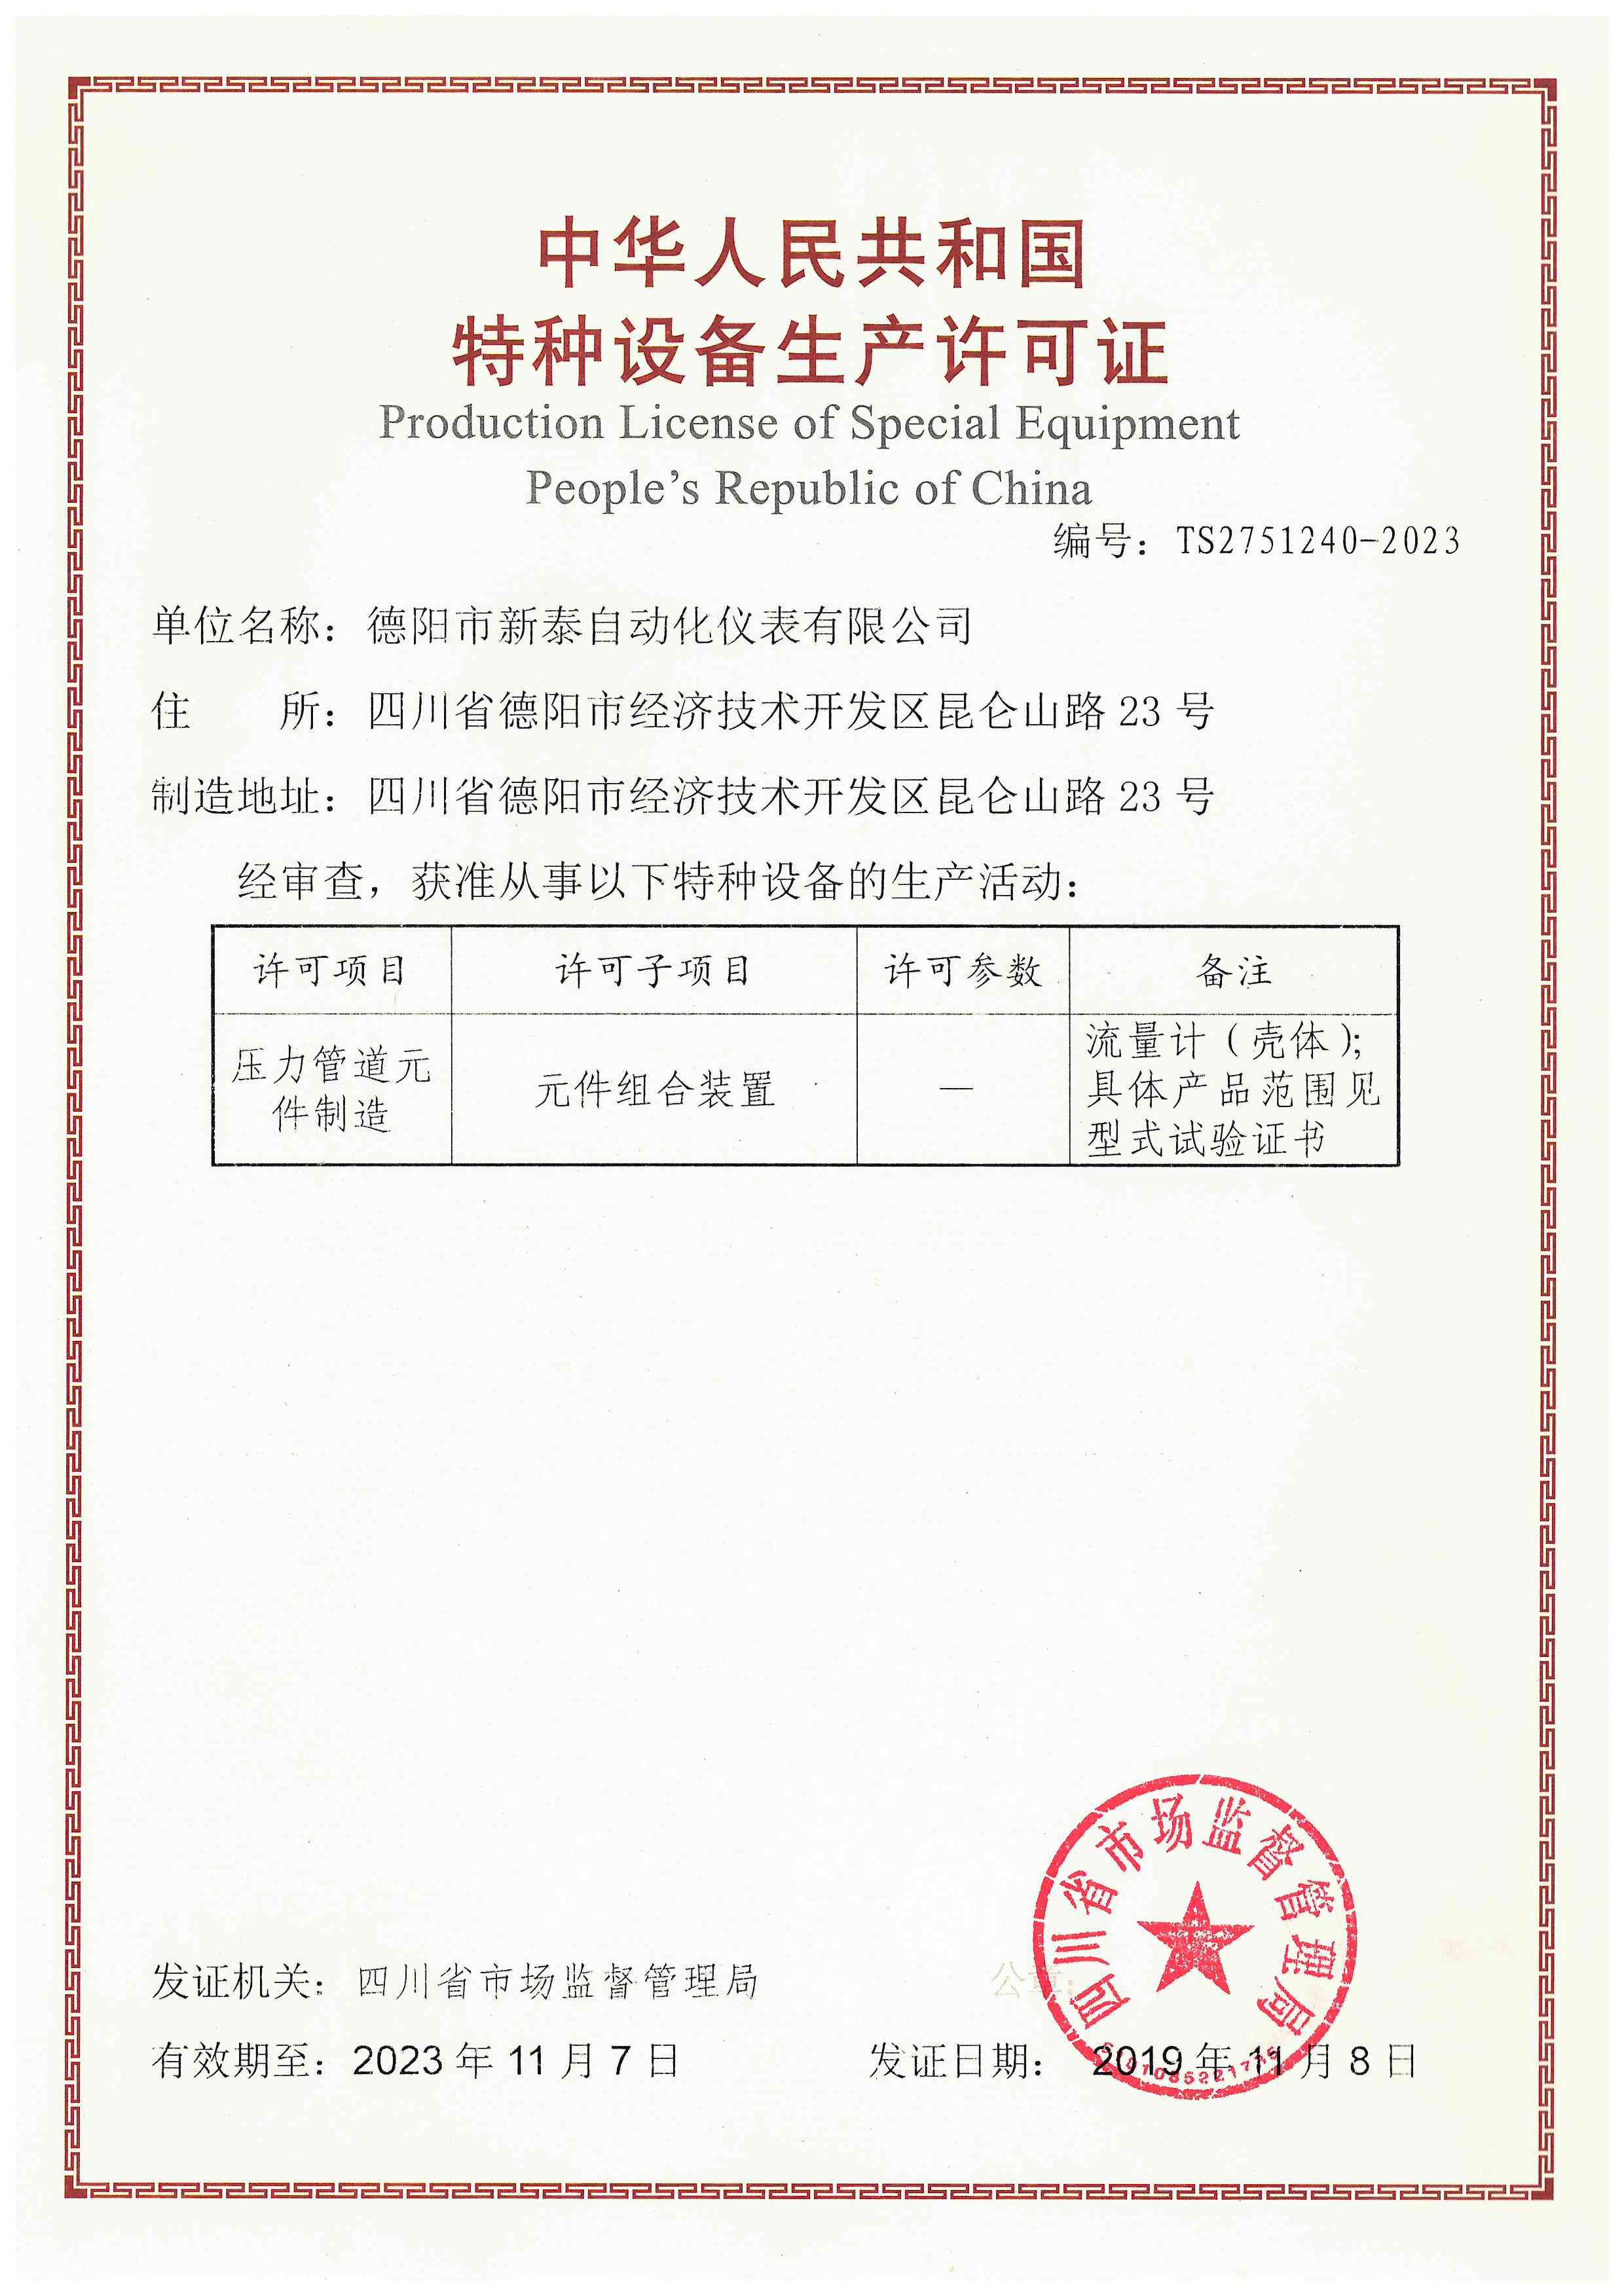 日本avapp下载特种设备制造许可证--元件组合装置-流量计-正本